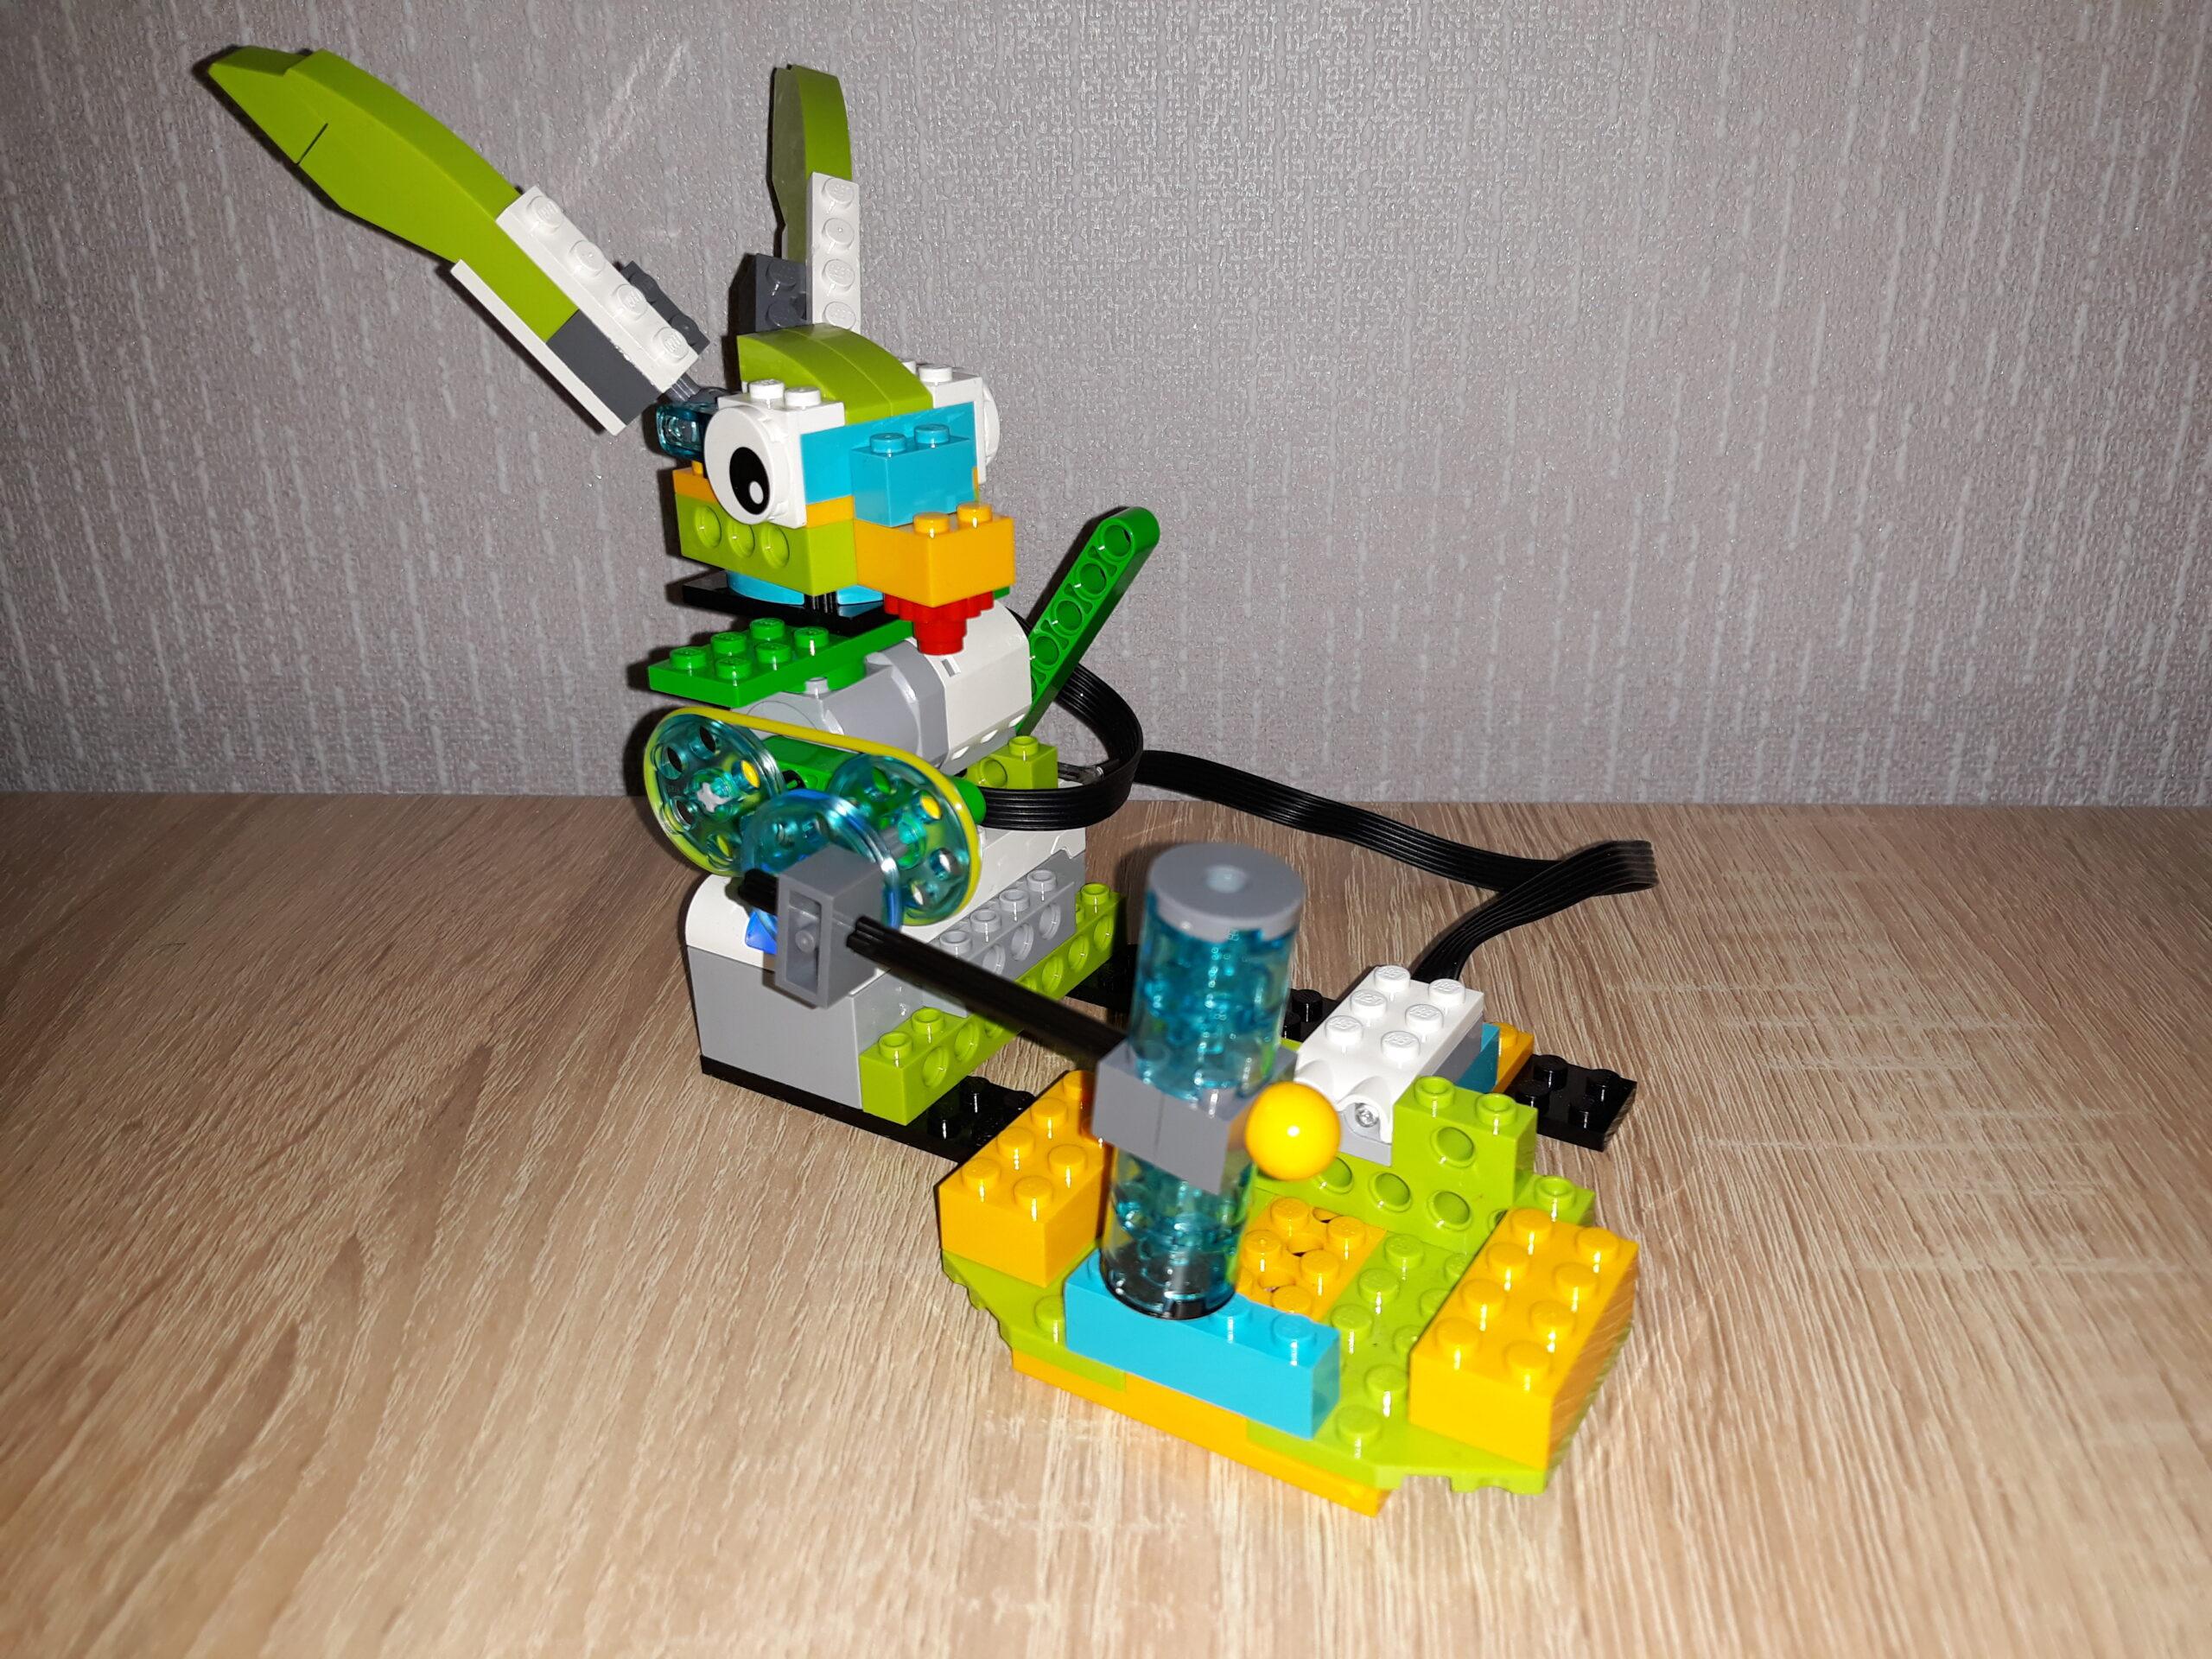 Инструкция по сборке из набора LEGO Education WeDo 2.0 Проворный кролик